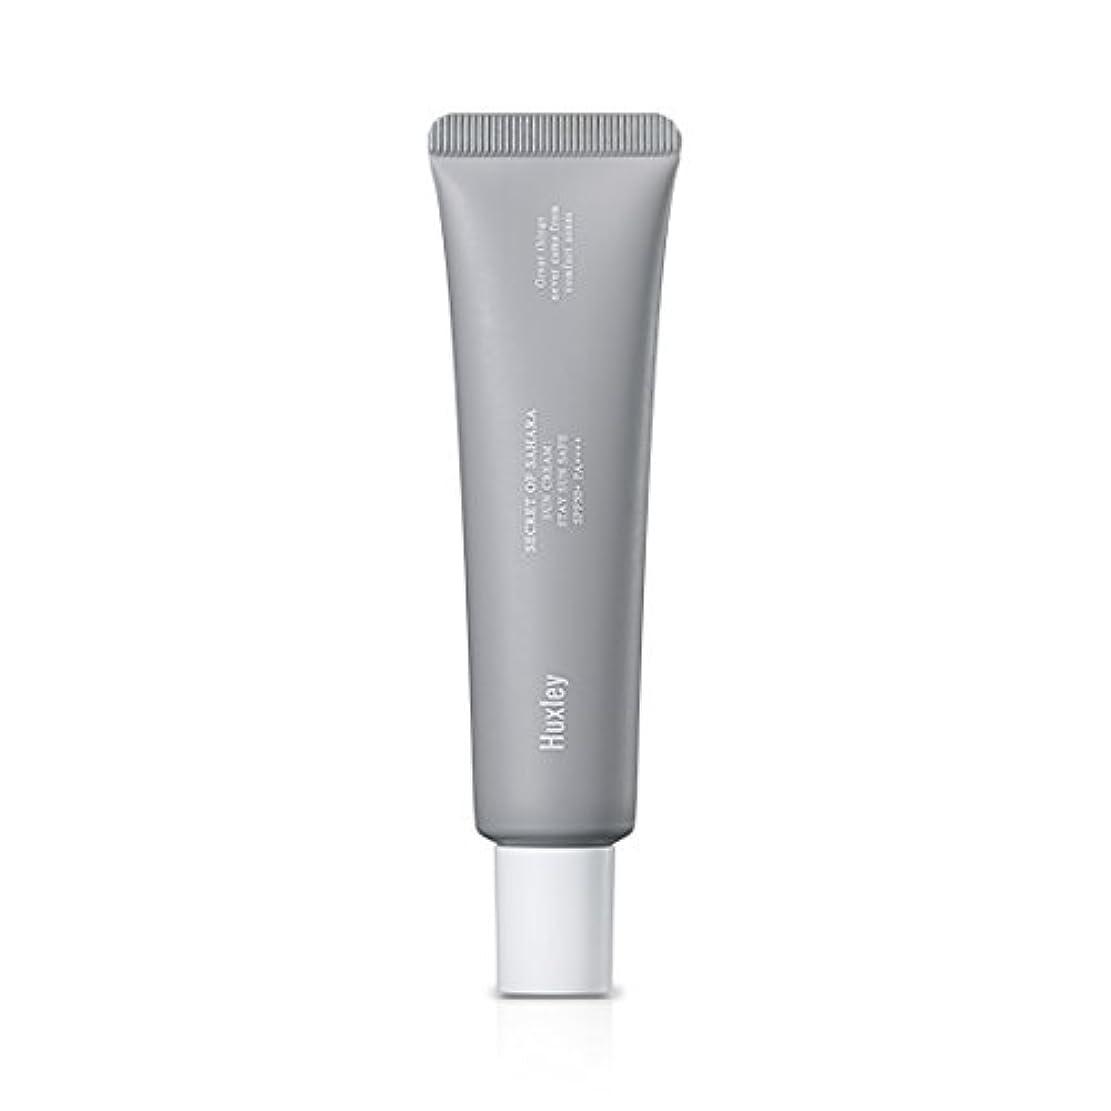 放散する筋肉の切断するHuxley Sun Cream;Stay Sun Safe 35ml (SPF50+ PA++++)/ハクスリー サンクリーム;ステイ サン セーフ 35ml (SPF50+ PA++++) [並行輸入品]